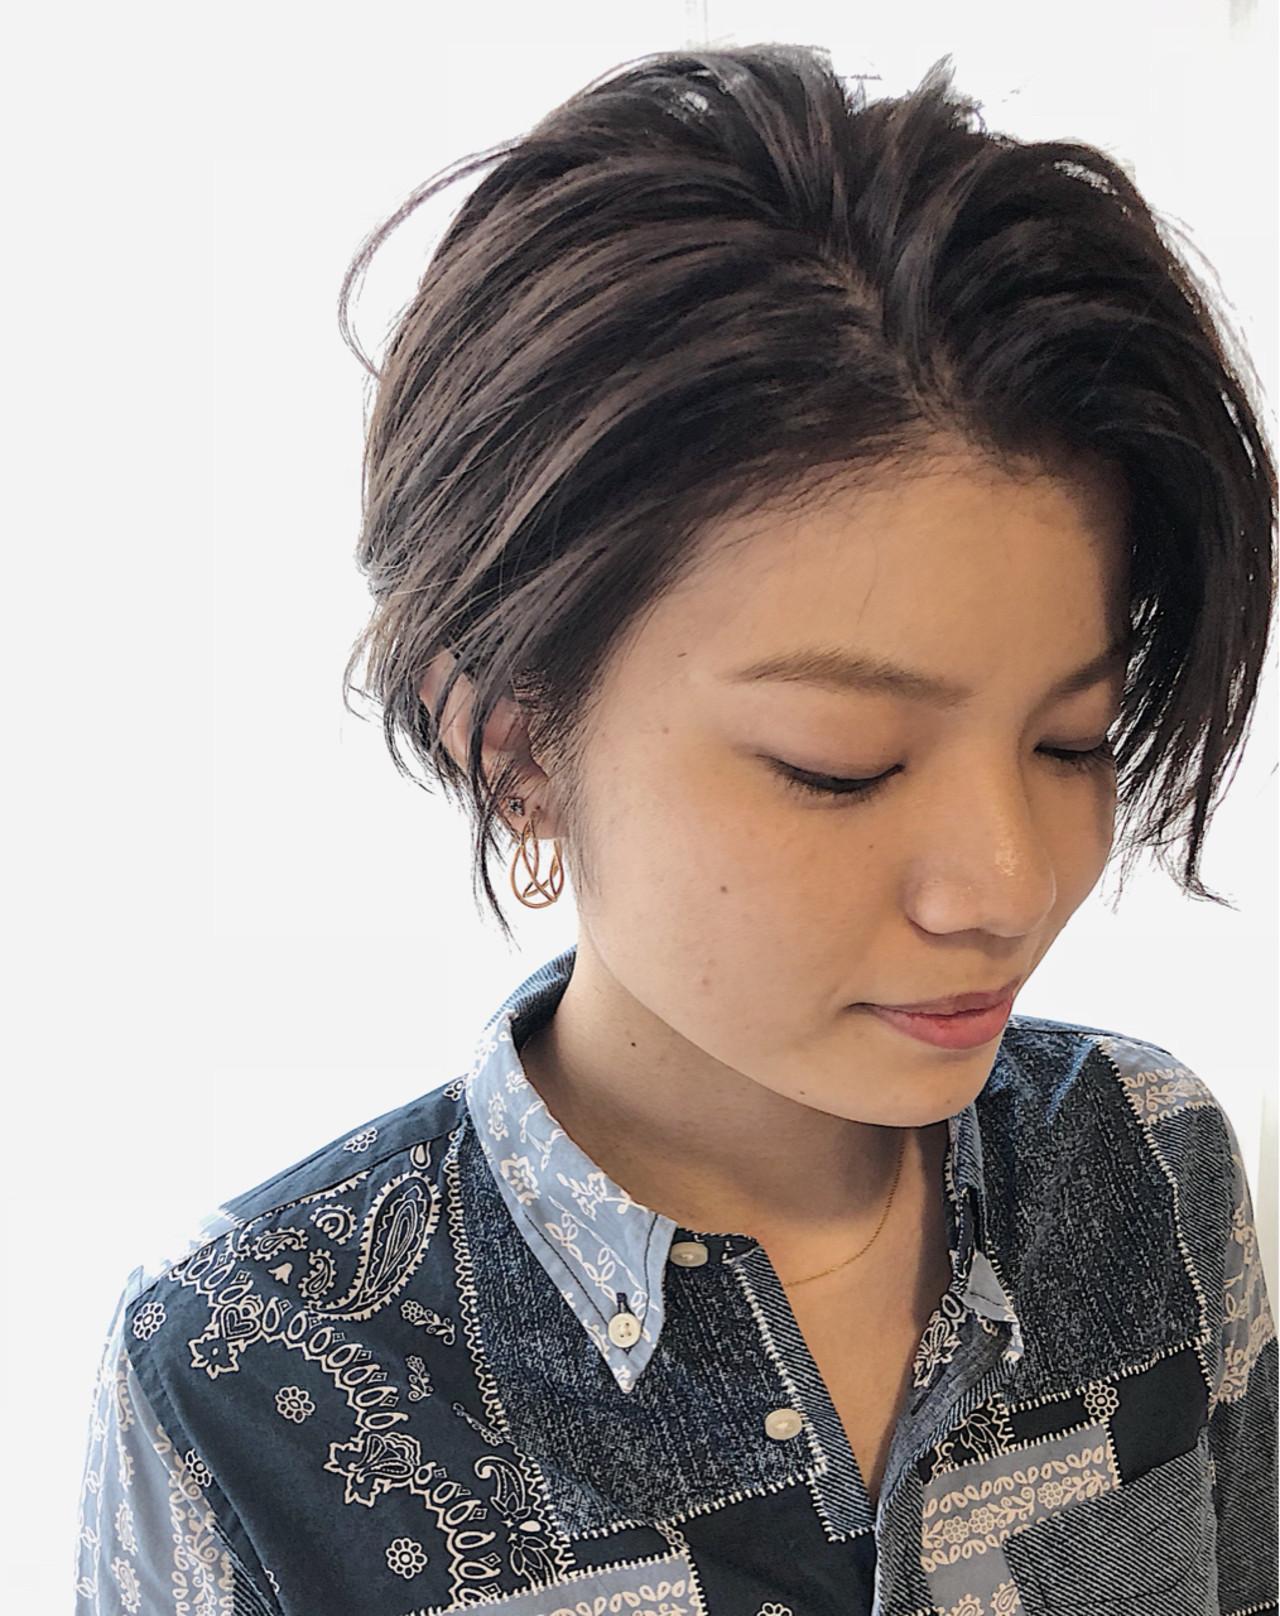 デート 小顔 透明感 ナチュラル ヘアスタイルや髪型の写真・画像